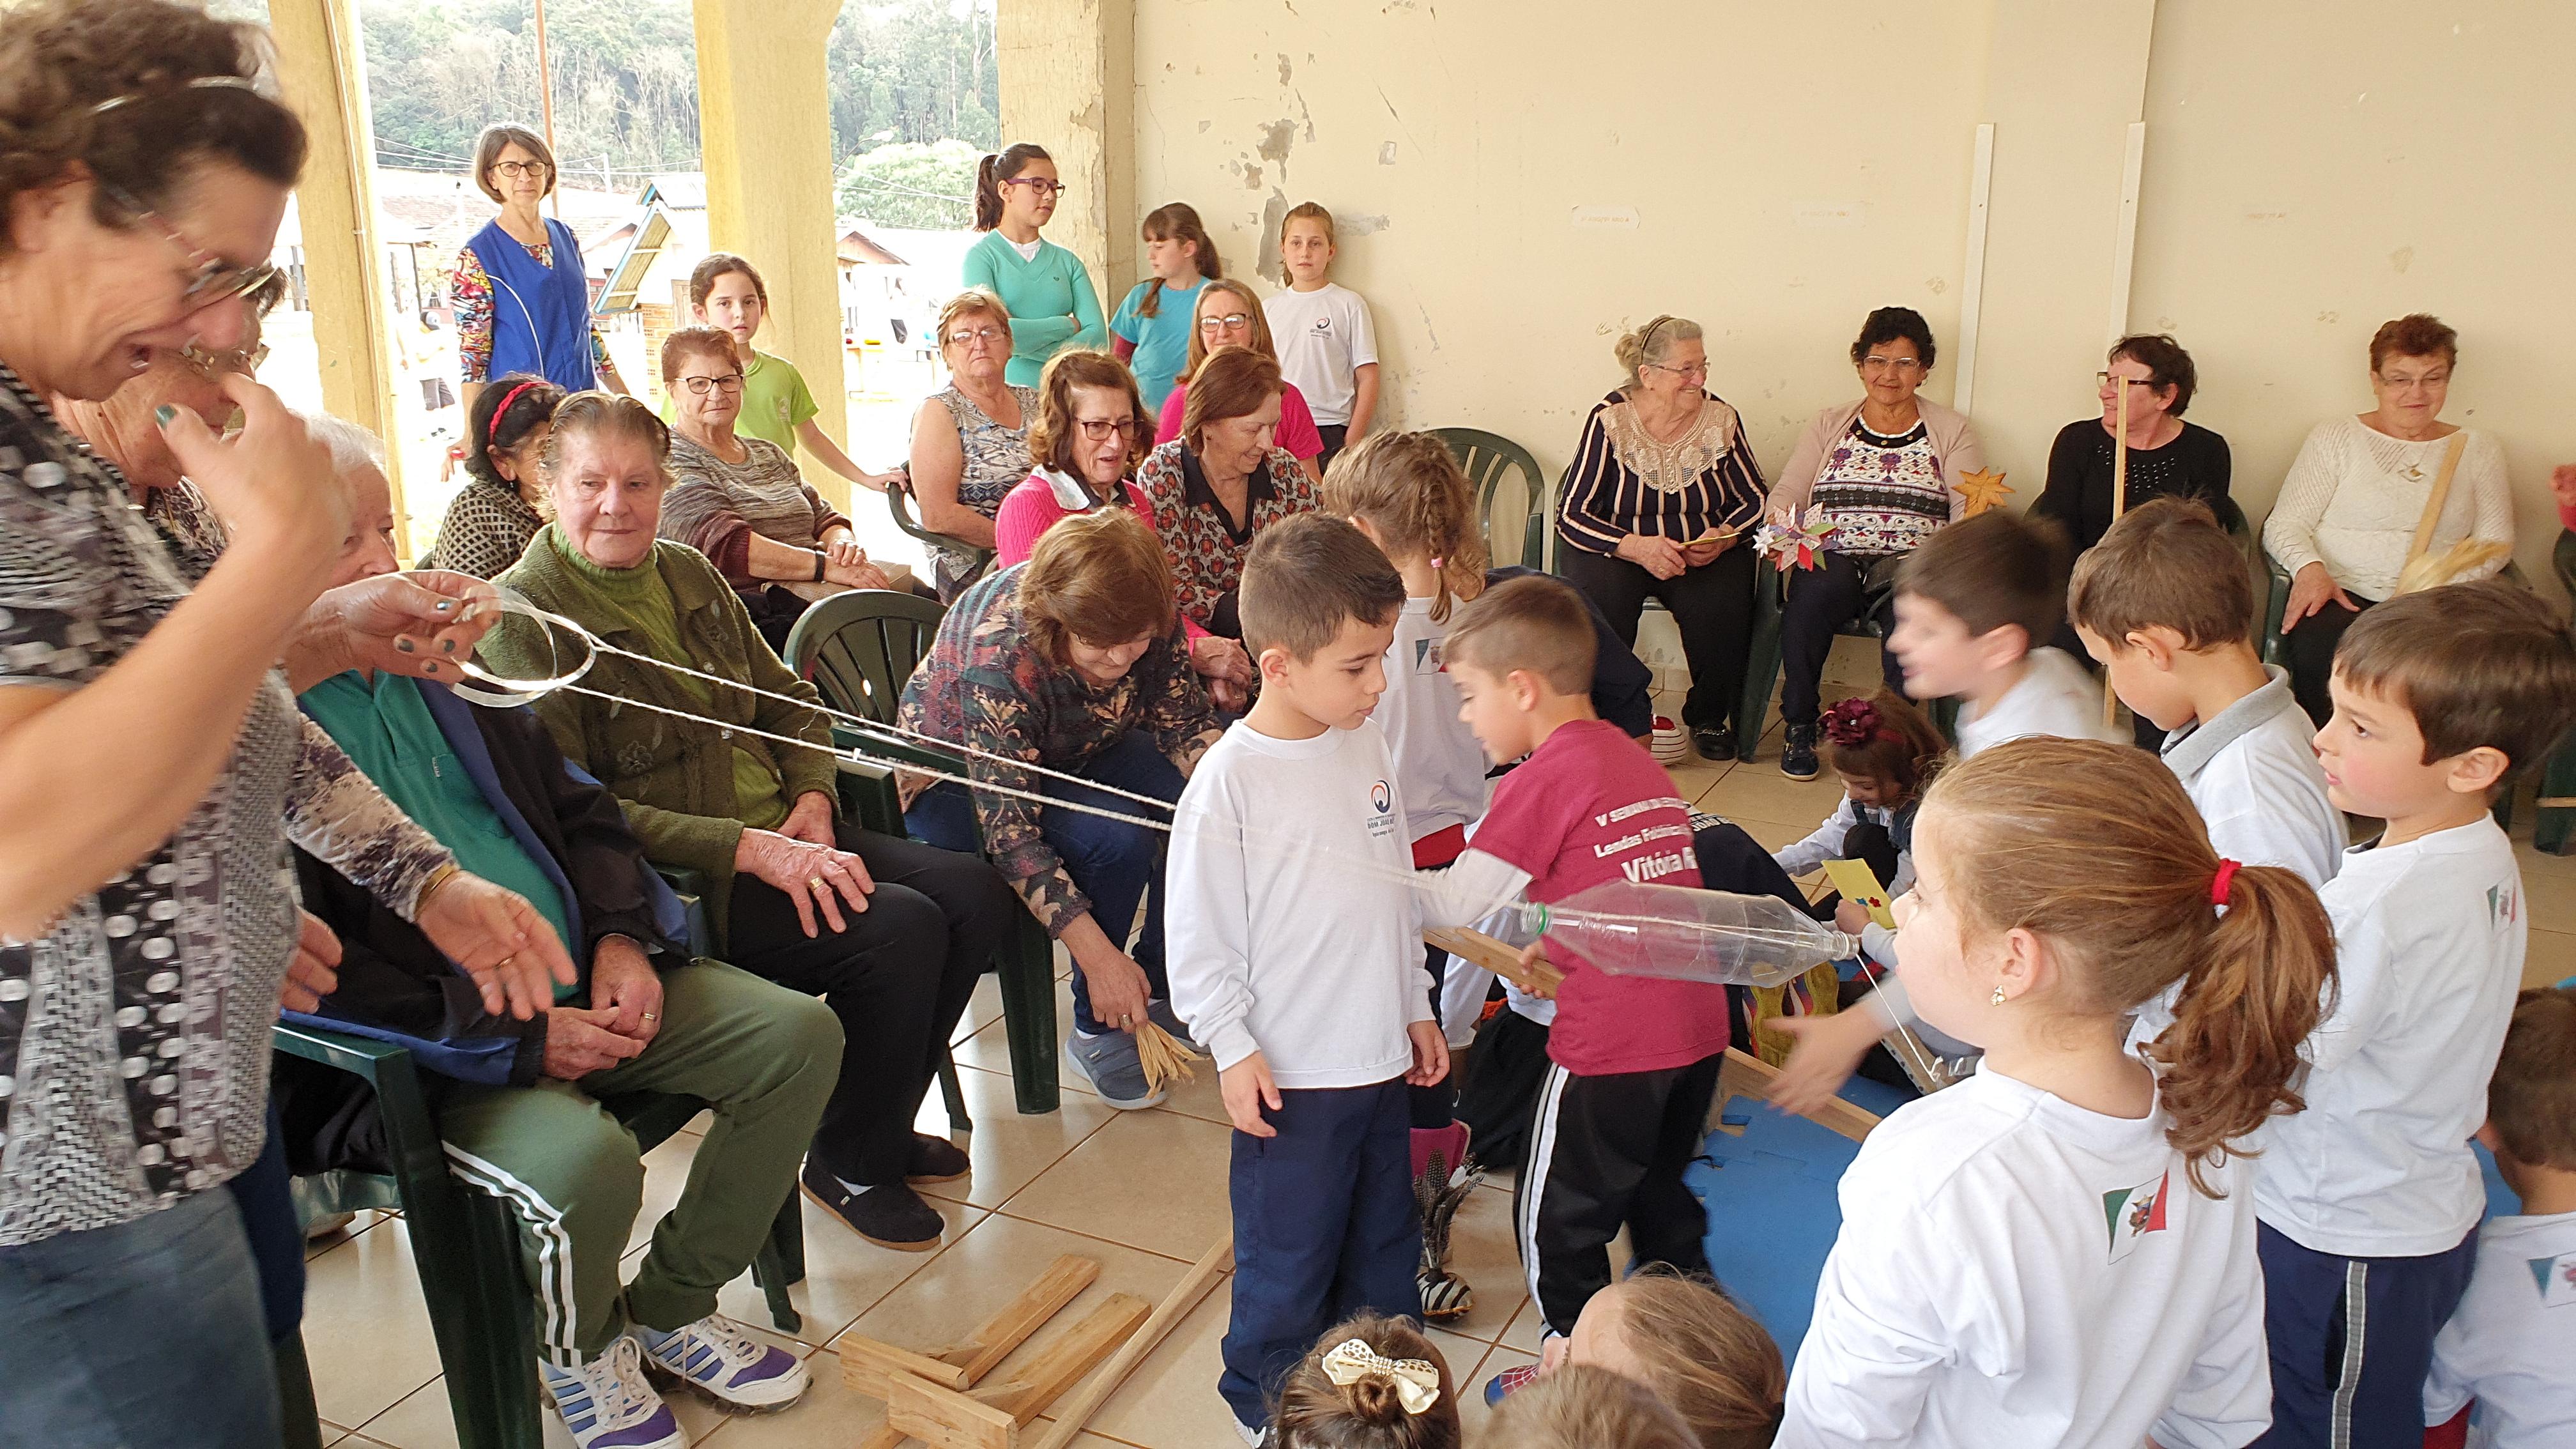 O grupo da Terceira Idade Viver e Amar, estiveram visitando a Escola Dom João Becker para compartilhar brinquedos e brincadeiras que fizeram na infância.